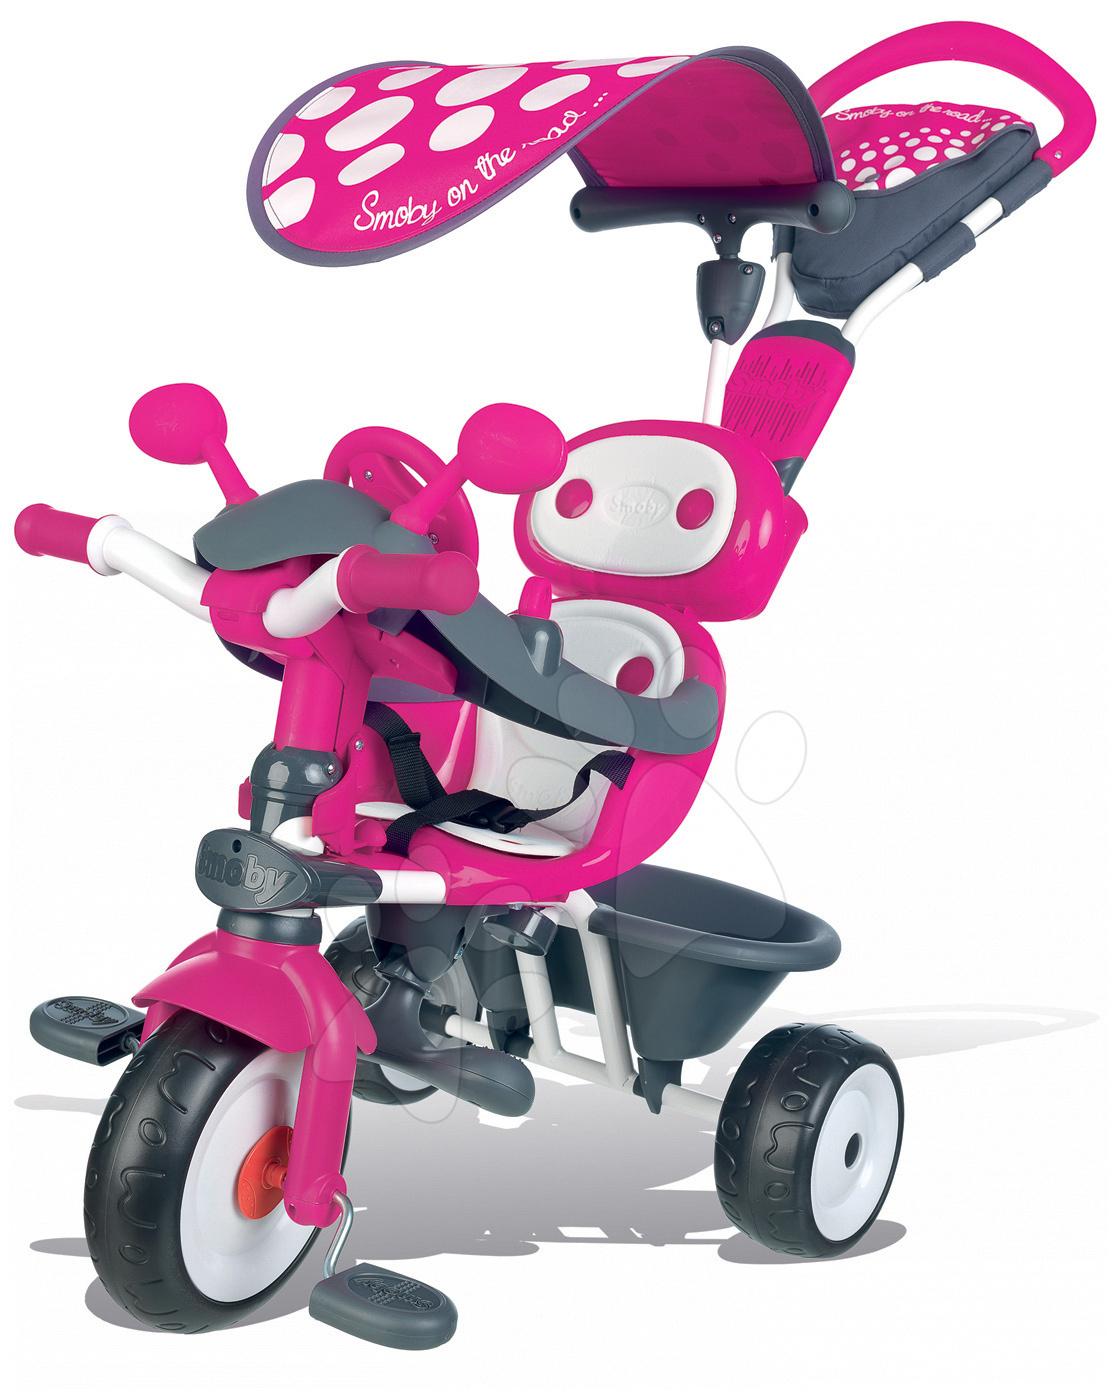 Smoby detská trojkolka Baby Driver 740600 ružovo-šedá